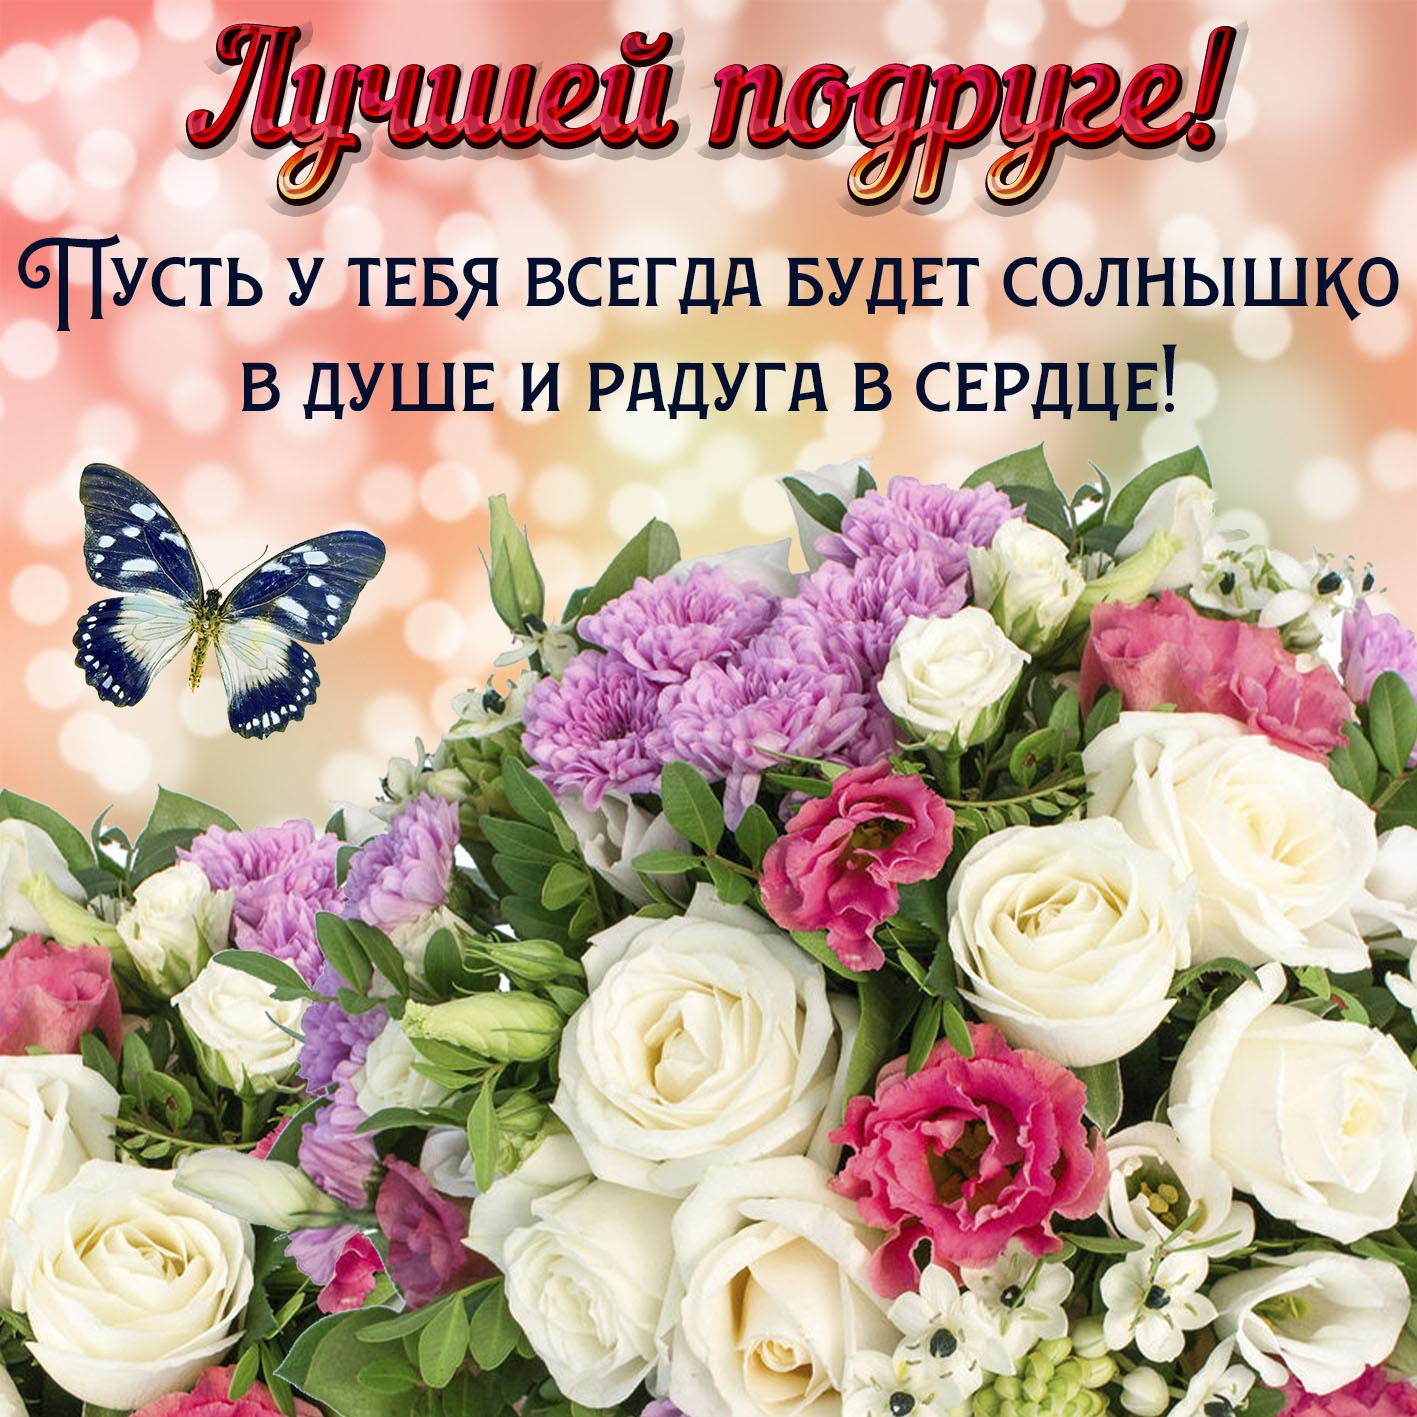 Открытки картинки пожелания цветы